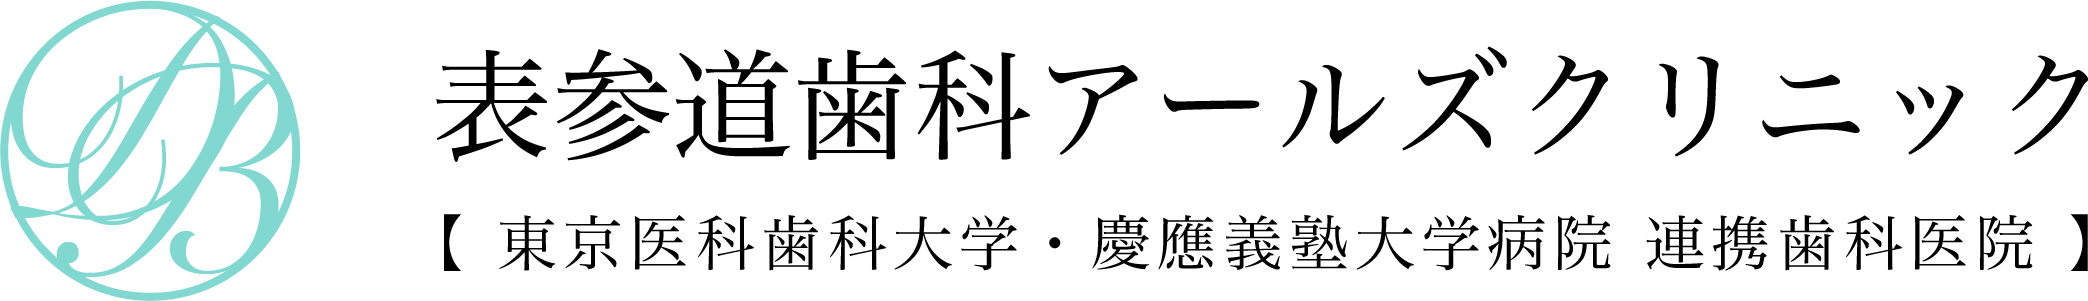 審美歯科治療が保険でできる東京の表参道歯科アールズクリニック